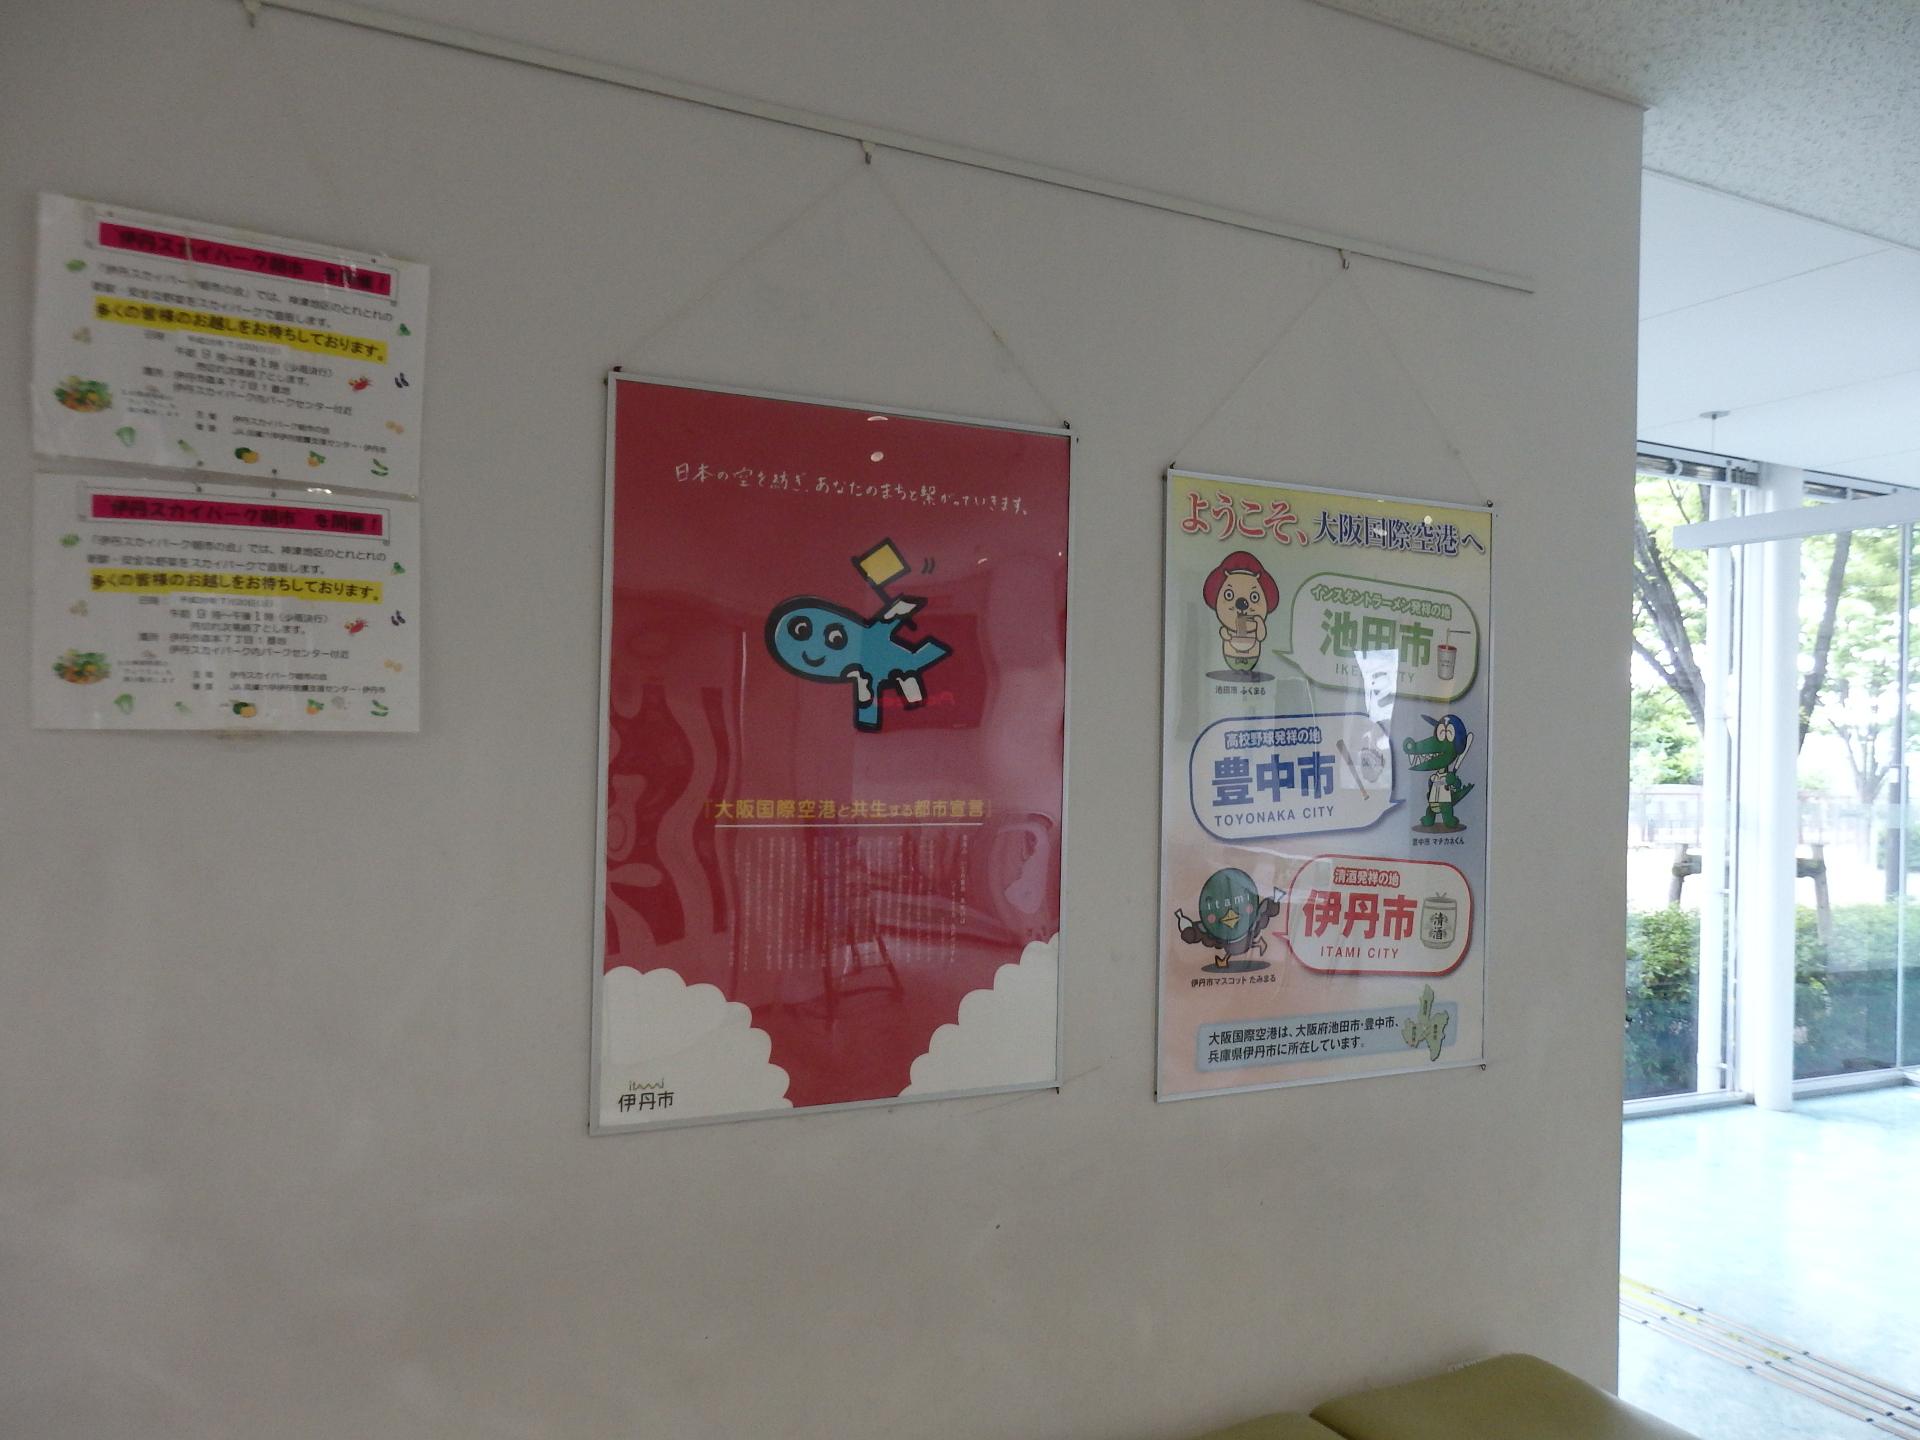 「大阪国際空港と共生する都市宣言」ポスターです。